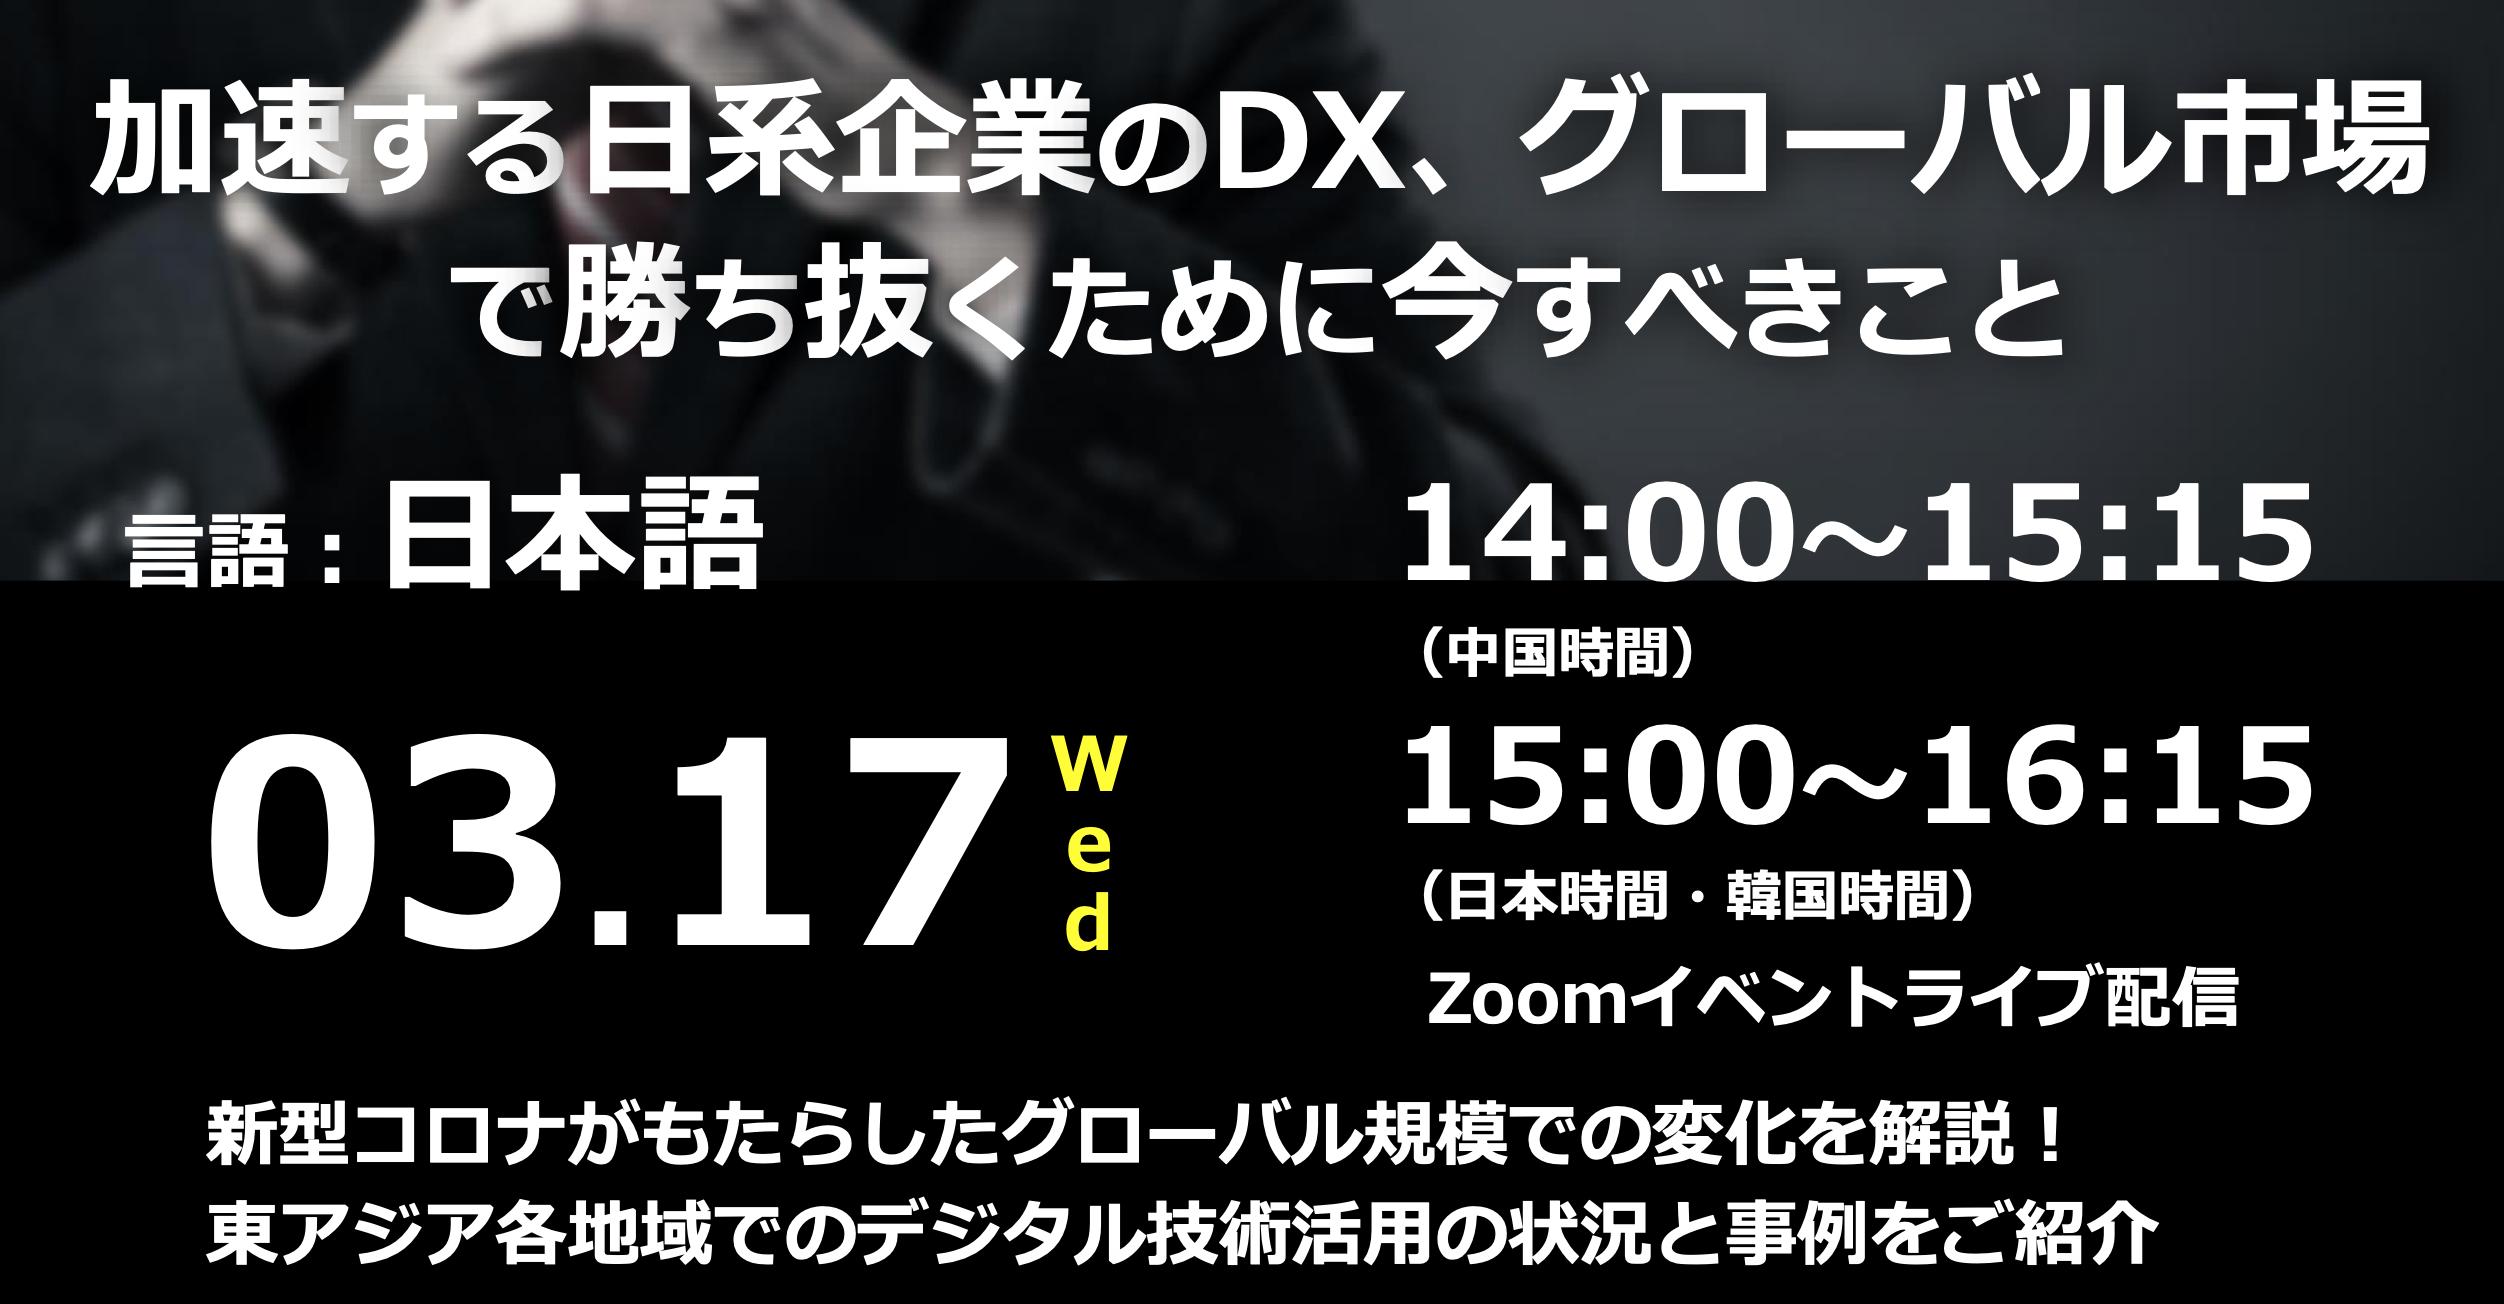 スクリーンショット 2021-03-07 午前9.12.18